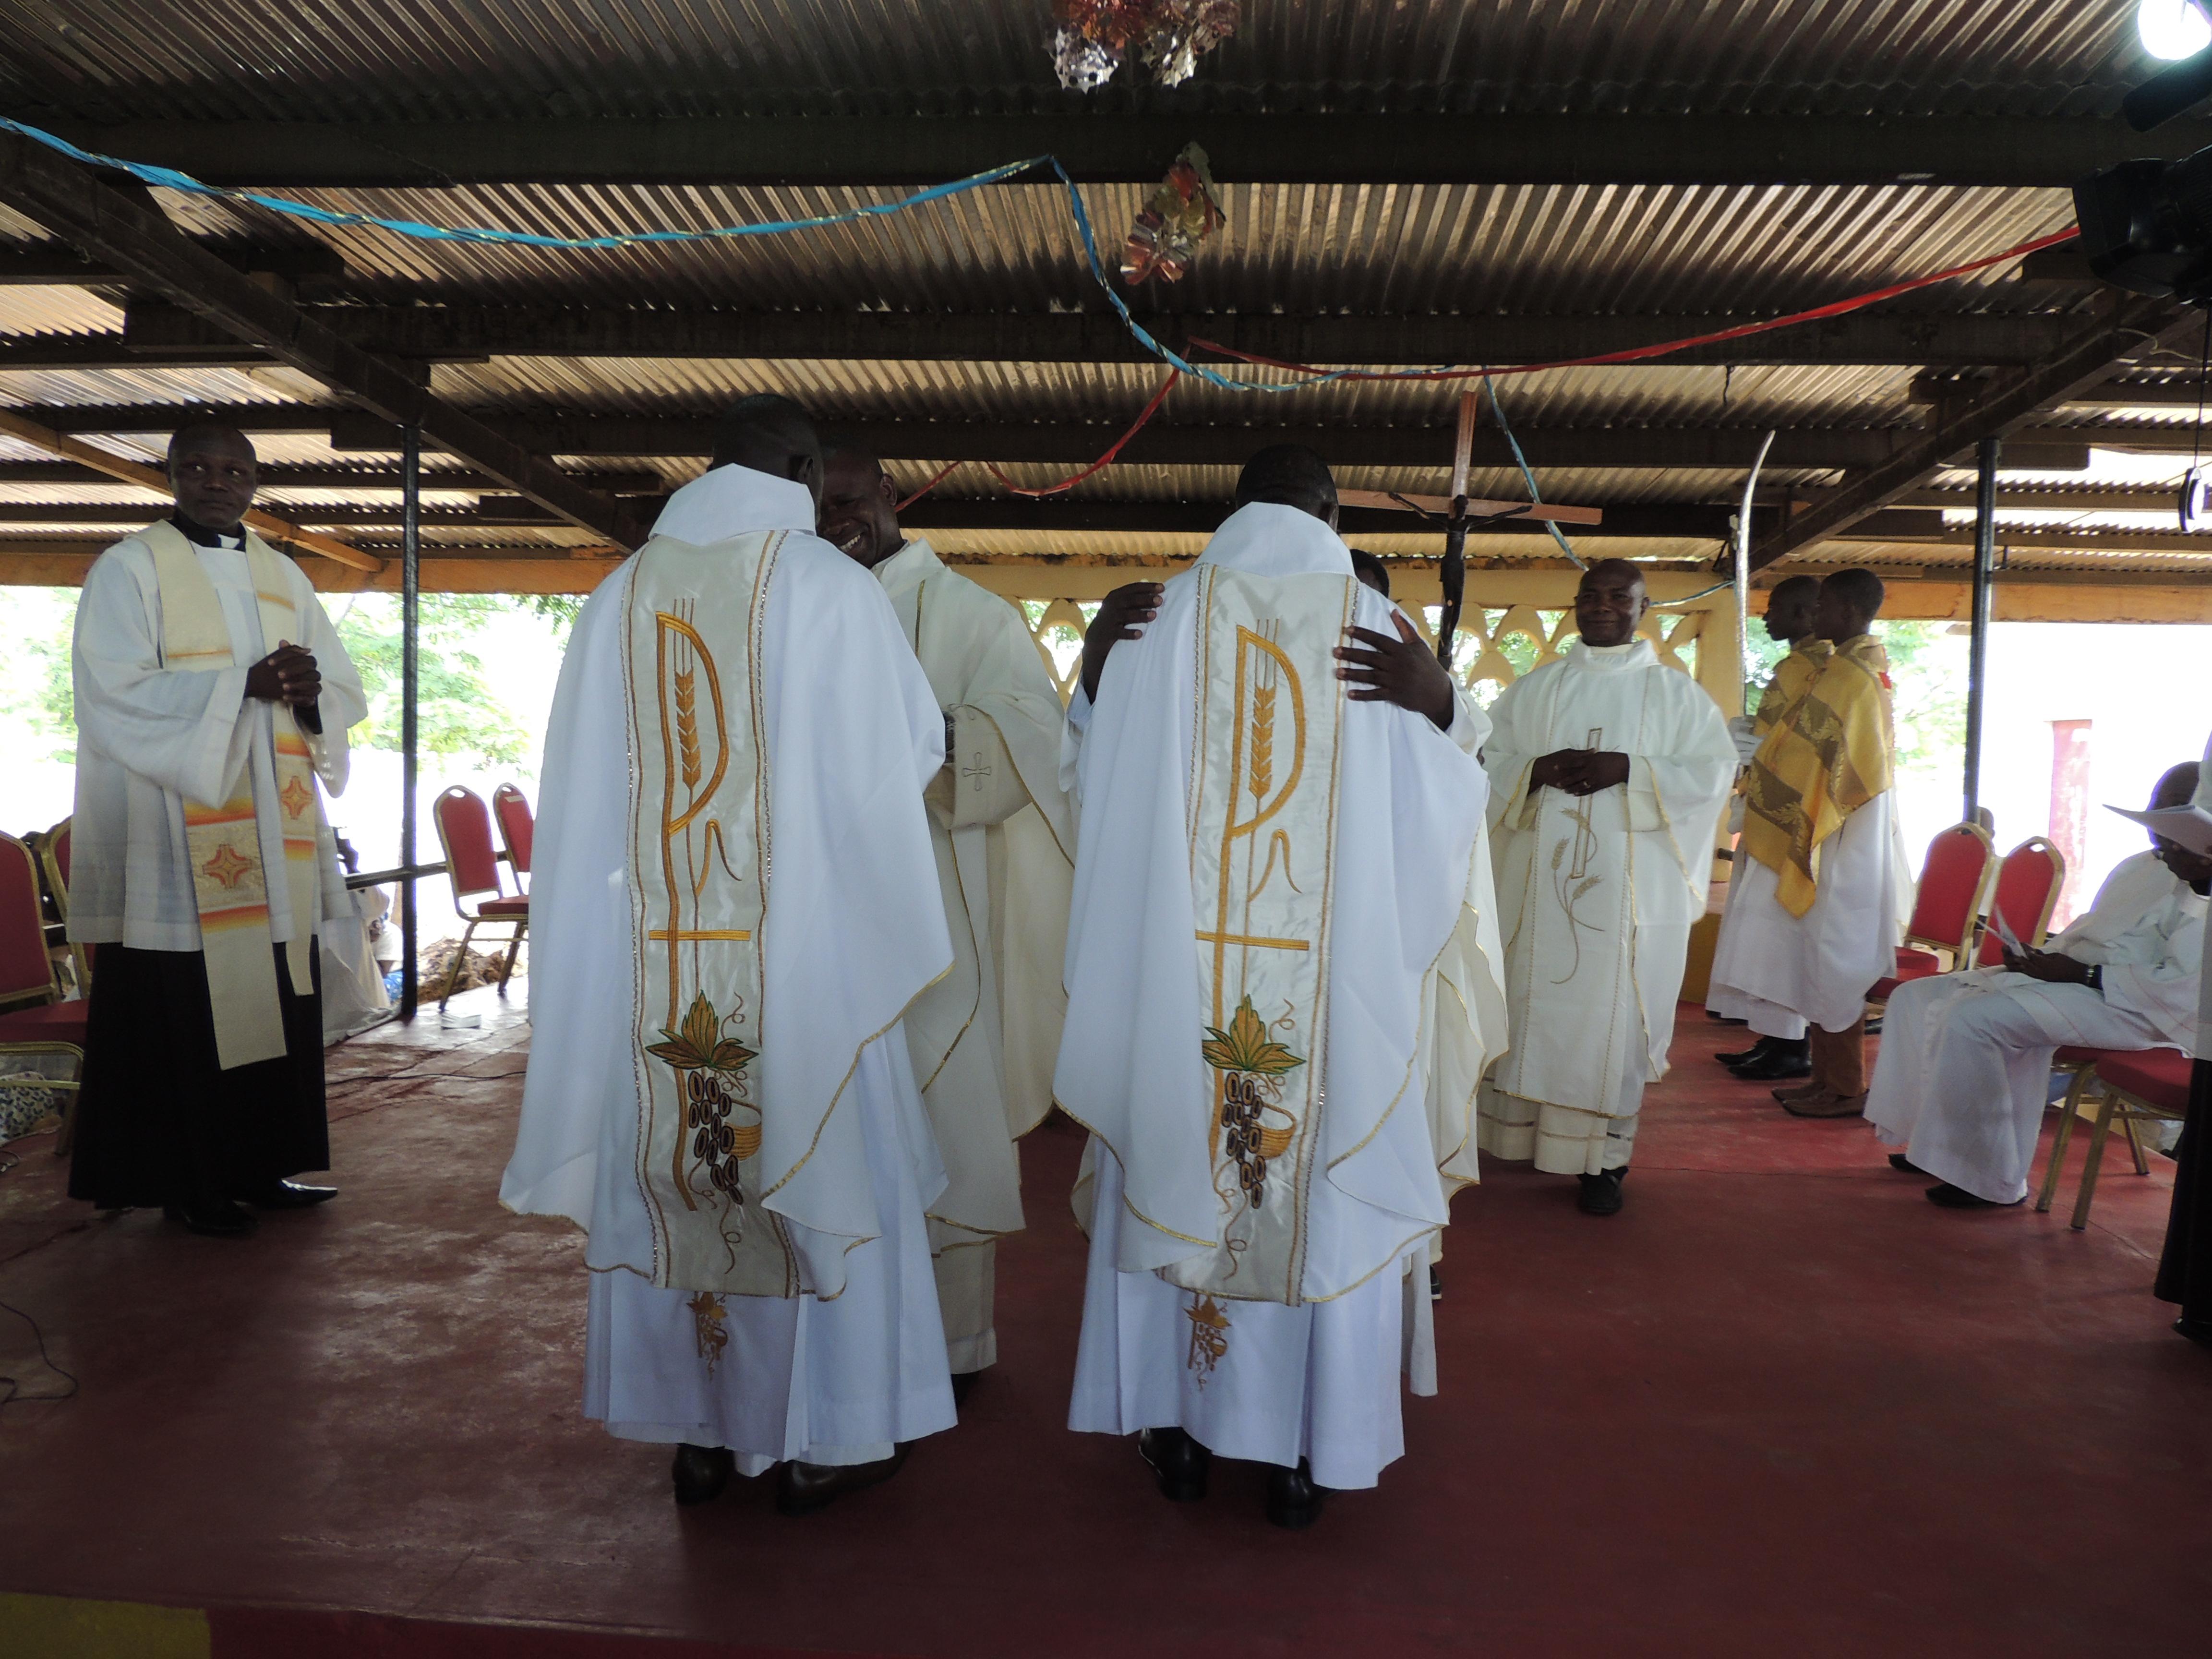 Camerún: ayuda para la formación de futuros sacerdotes que sufren terror de Boko Haram